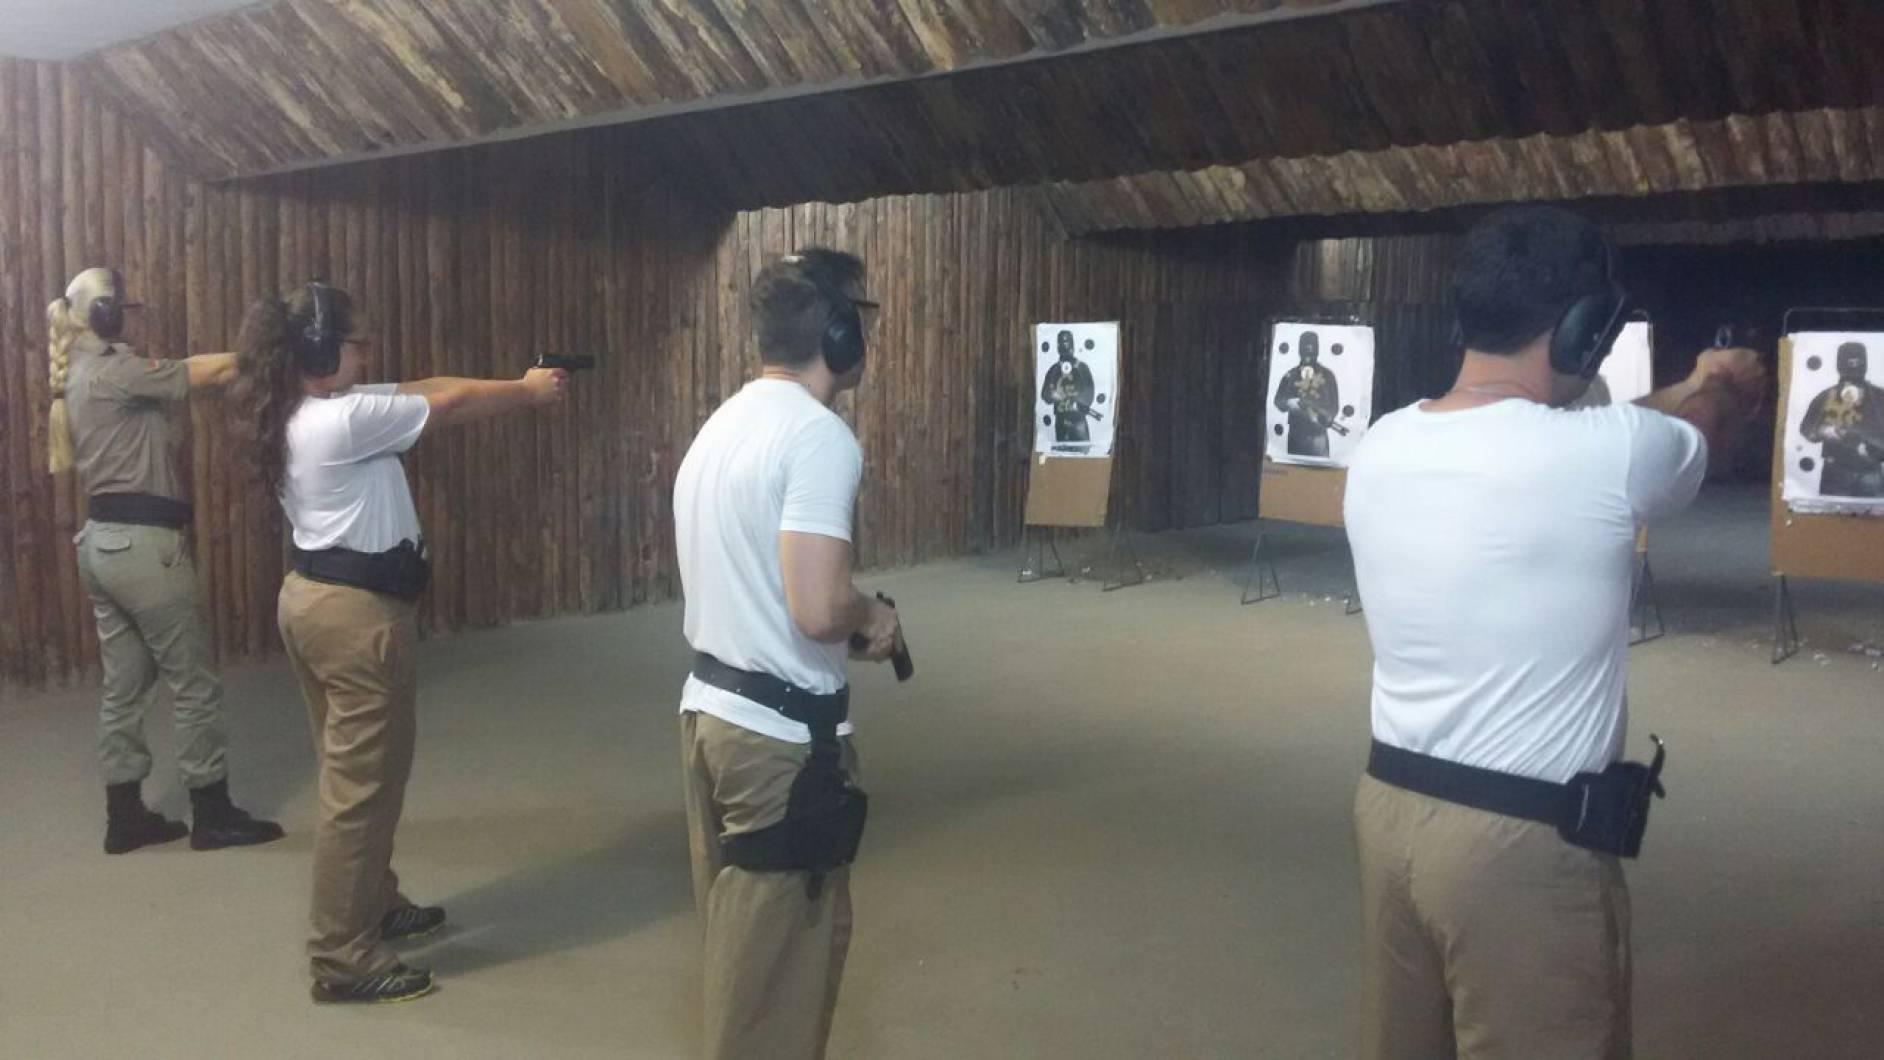 Uma das aulas ministradas no PAEC é o tiro ao alvo